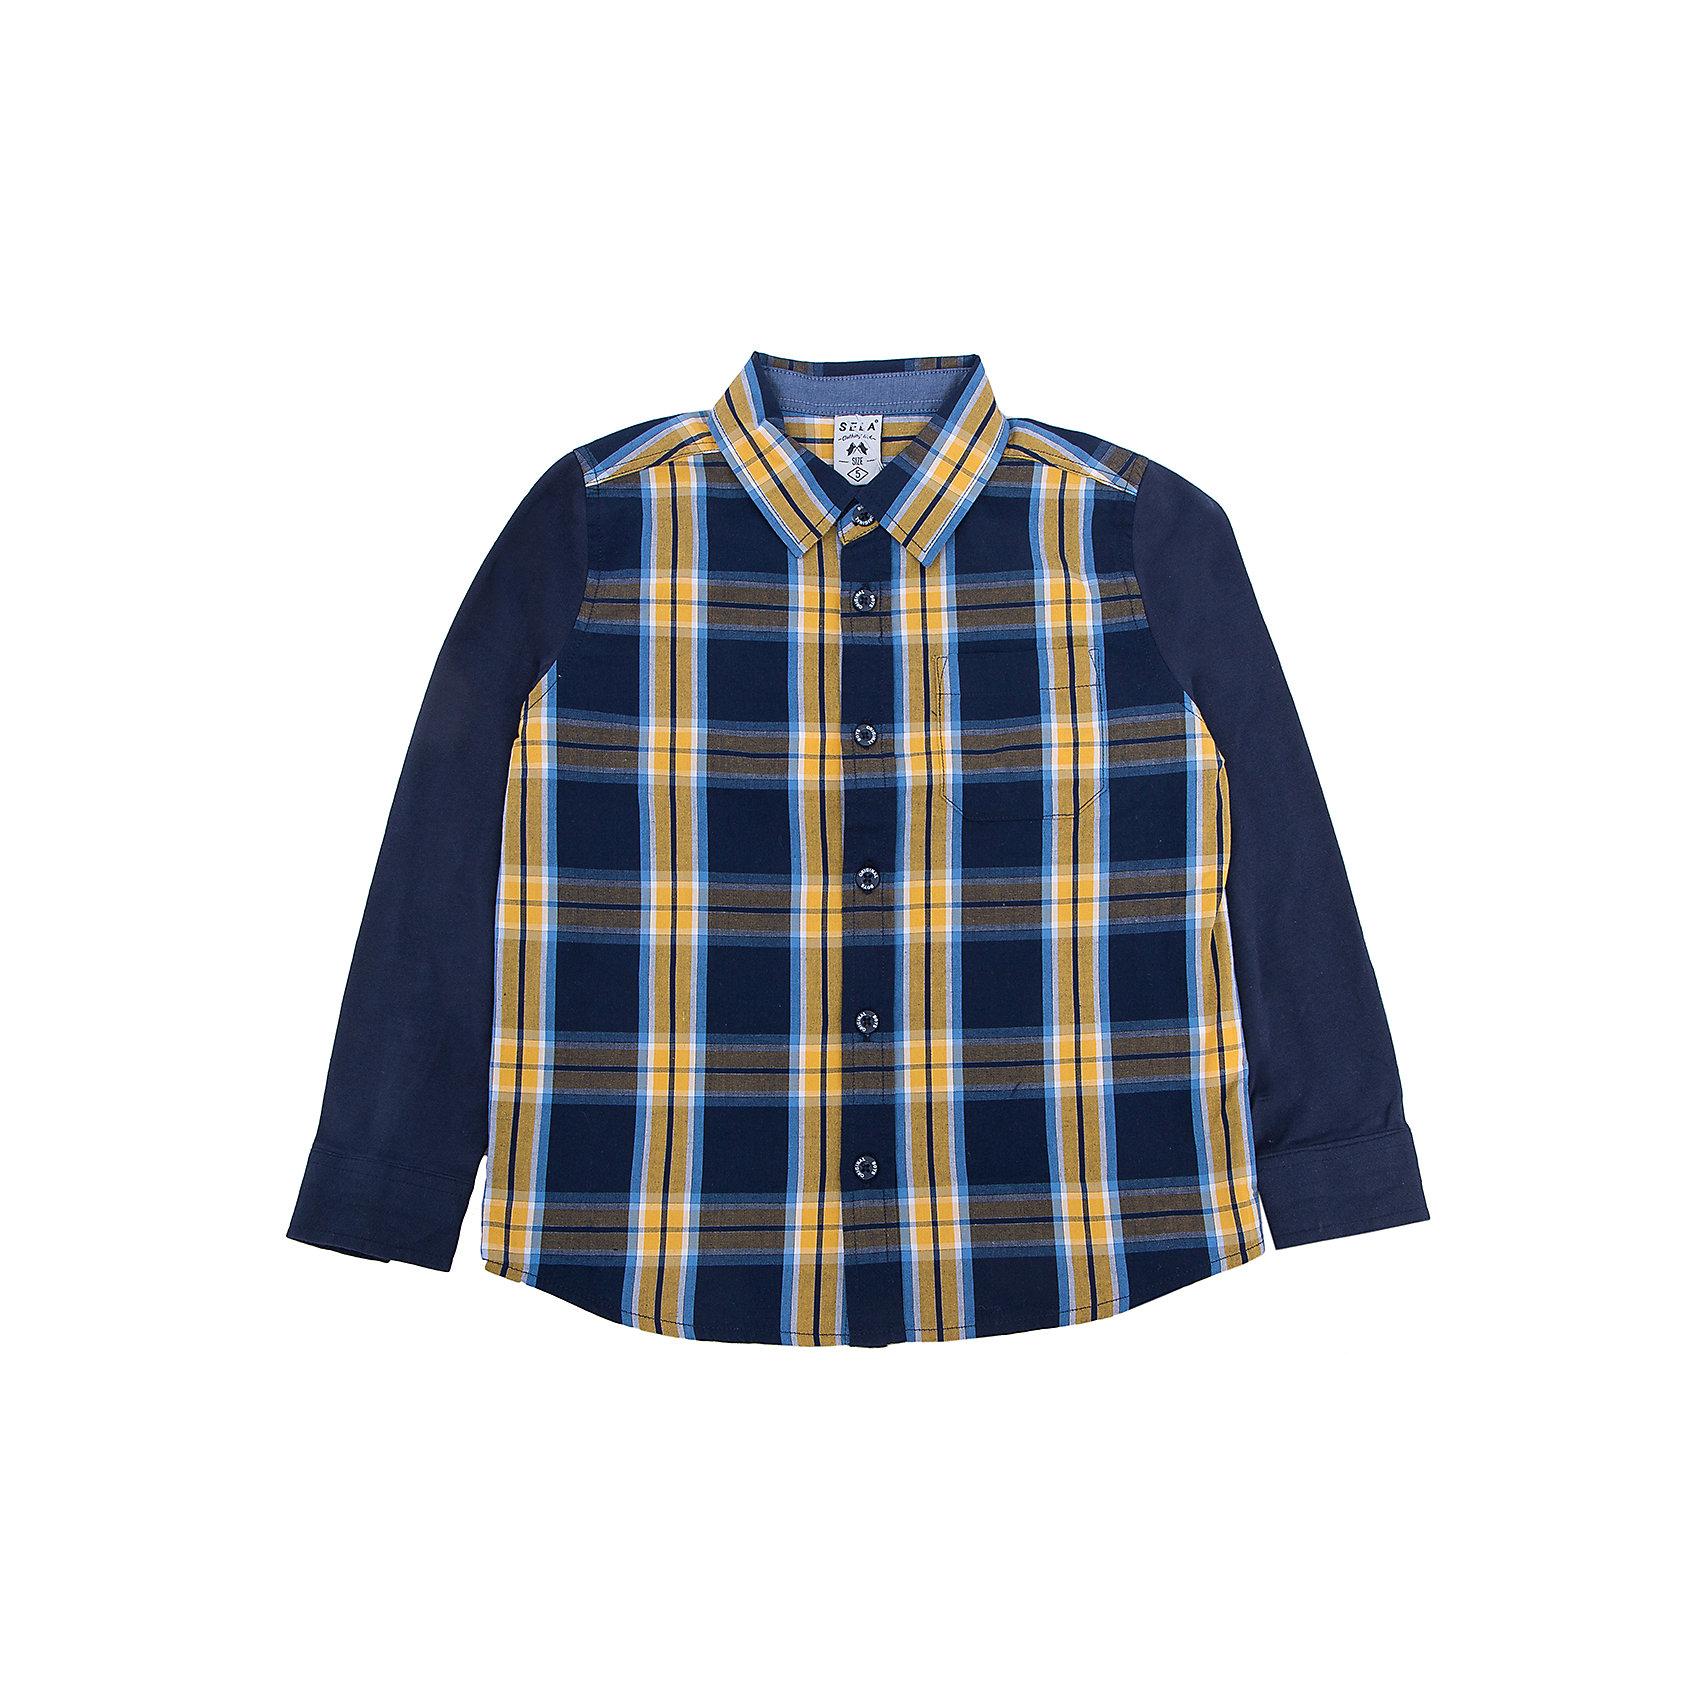 Рубашка для мальчика SELAБлузки и рубашки<br>Удобная рубашка - незаменимая вещь в гардеробе школьников. Эта модель отлично сидит на ребенке, она сделана из приятного на ощупь материала, мягкая и дышащая. Натуральный хлопок в составе ткани не вызывает аллергии и обеспечивает ребенку комфорт. Модель станет отличной базовой вещью, которая будет уместна в различных сочетаниях.<br>Одежда от бренда Sela (Села) - это качество по приемлемым ценам. Многие российские родители уже оценили преимущества продукции этой компании и всё чаще приобретают одежду и аксессуары Sela.<br><br>Дополнительная информация:<br><br>цвет: разноцветный;<br>материал: 100 % хлопок;<br>рукава длинные;<br>застежки - пуговицы.<br><br>Рубашку для мальчика от бренда Sela можно купить в нашем интернет-магазине.<br><br>Ширина мм: 174<br>Глубина мм: 10<br>Высота мм: 169<br>Вес г: 157<br>Цвет: синий<br>Возраст от месяцев: 48<br>Возраст до месяцев: 60<br>Пол: Мужской<br>Возраст: Детский<br>Размер: 110,92,98,116,104<br>SKU: 4913040